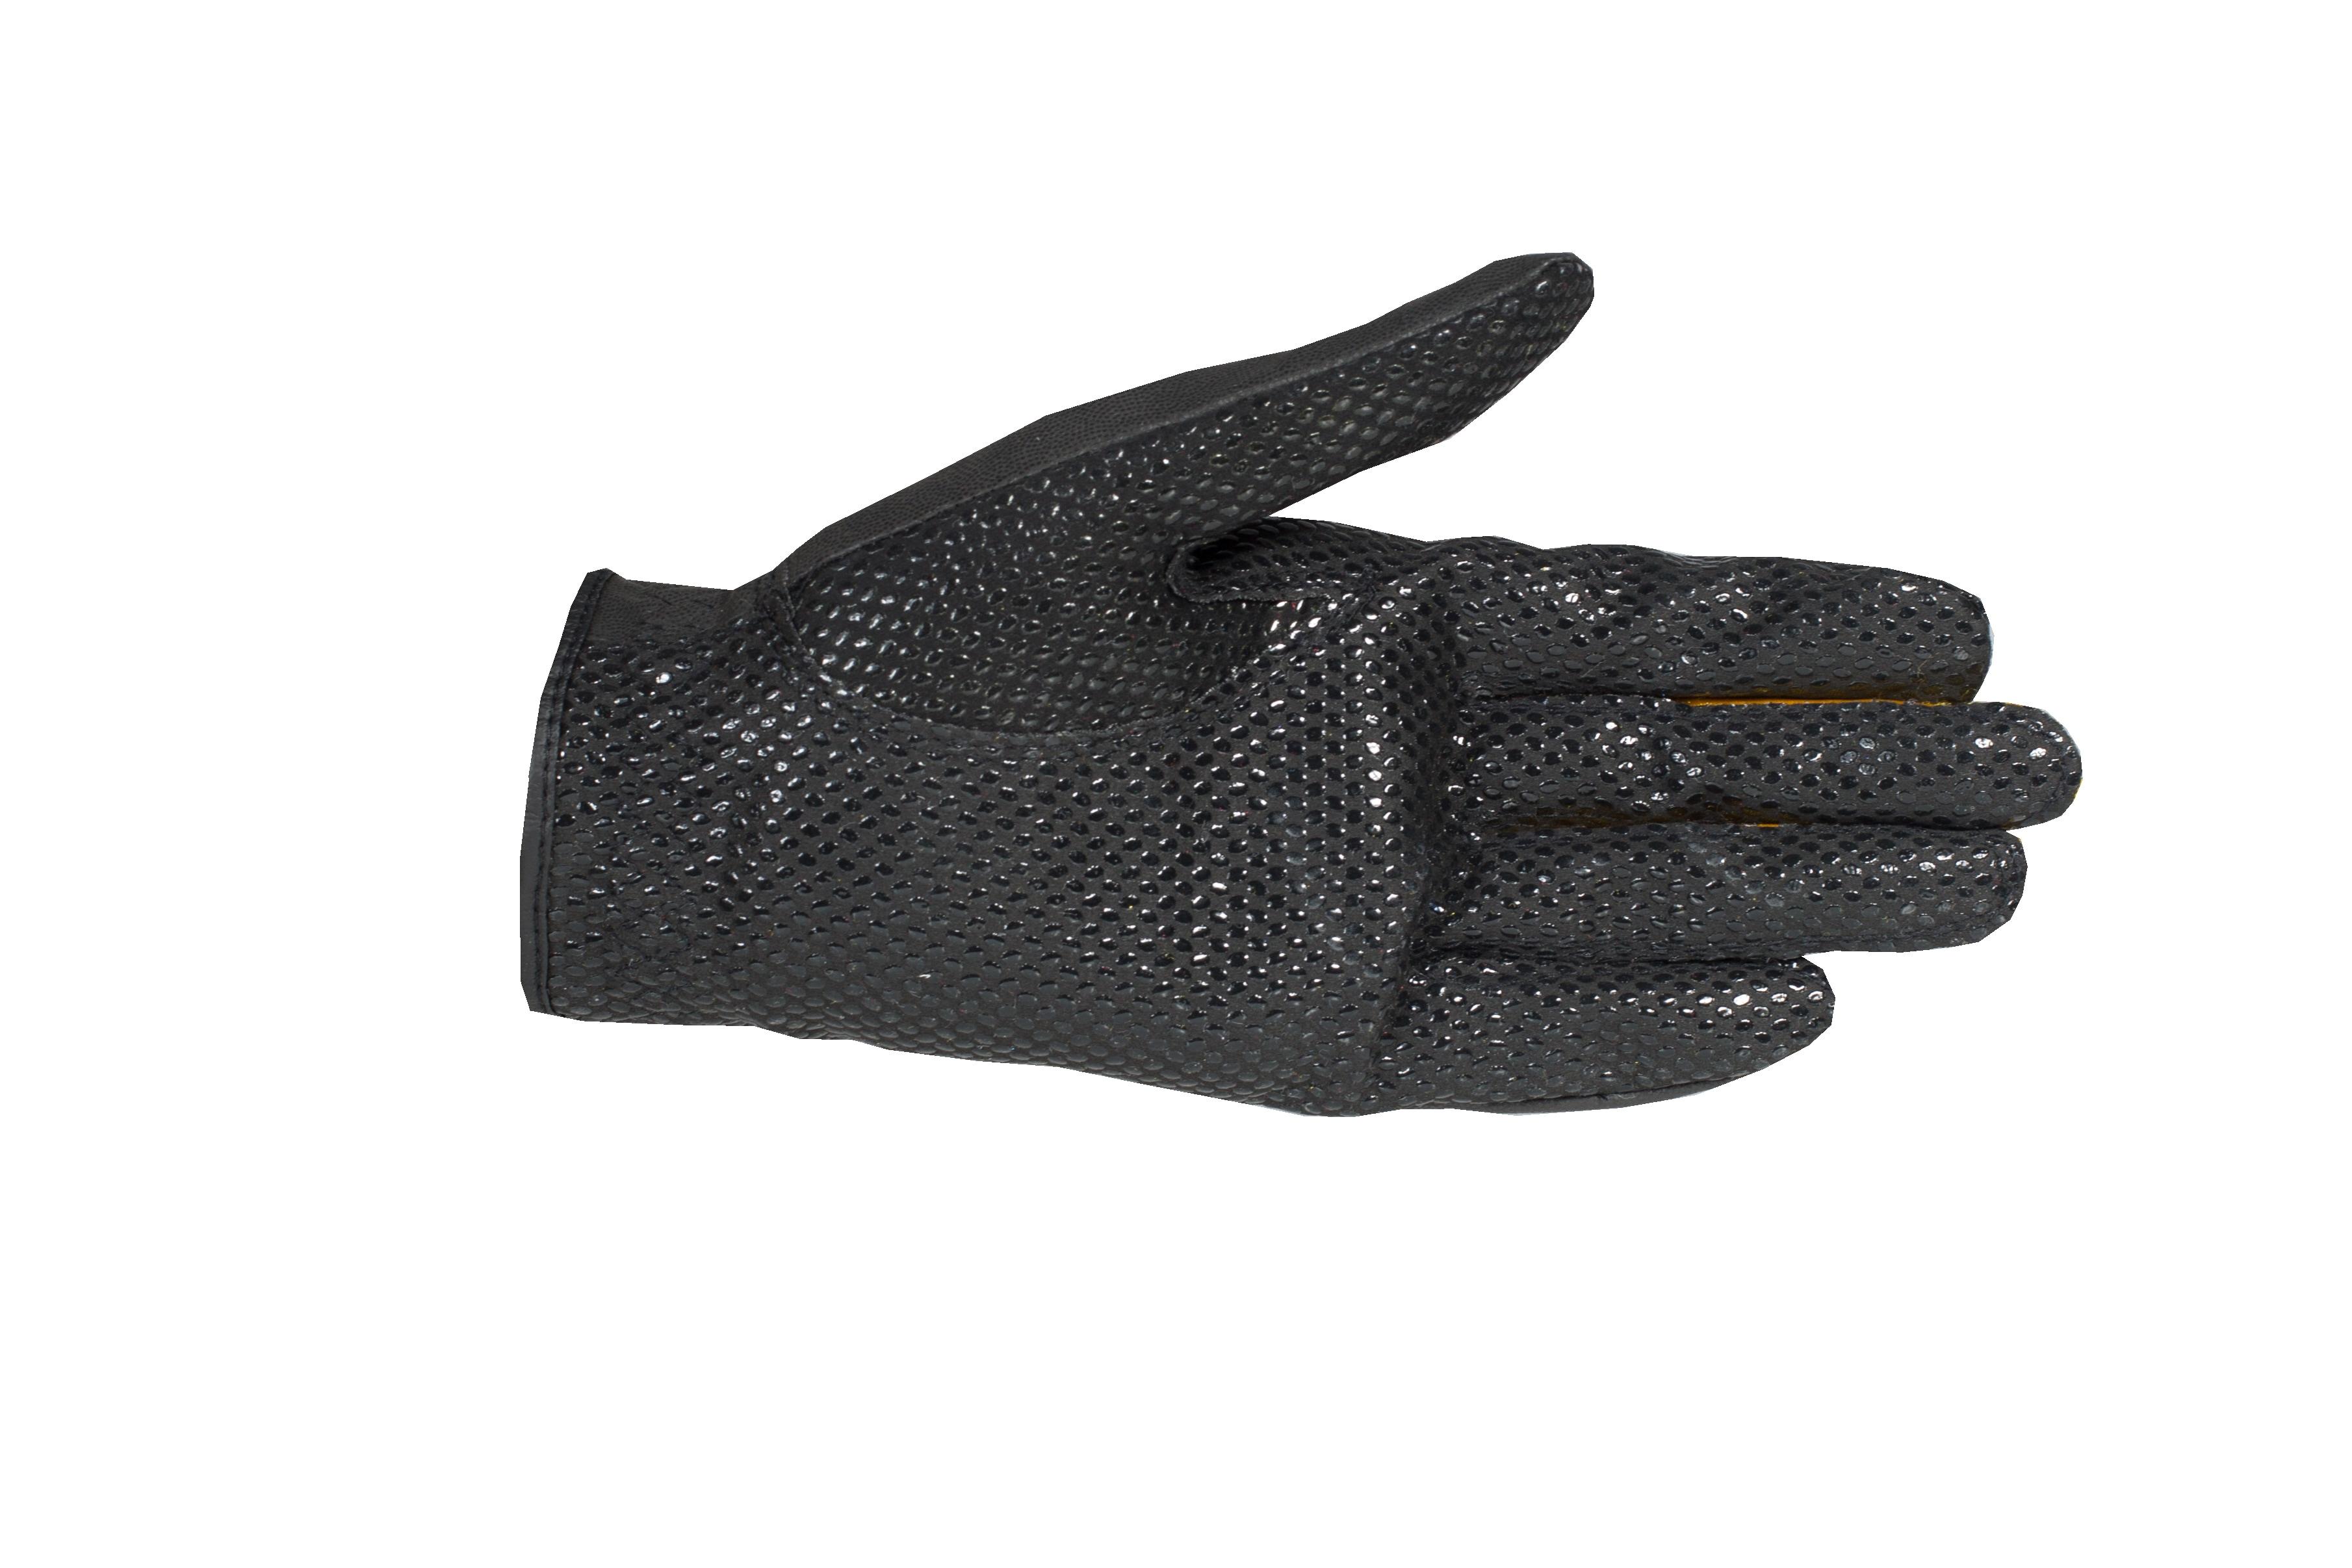 TKO Løpshansker i syntetisk lær med silikon i håndflaten for ekstra grep